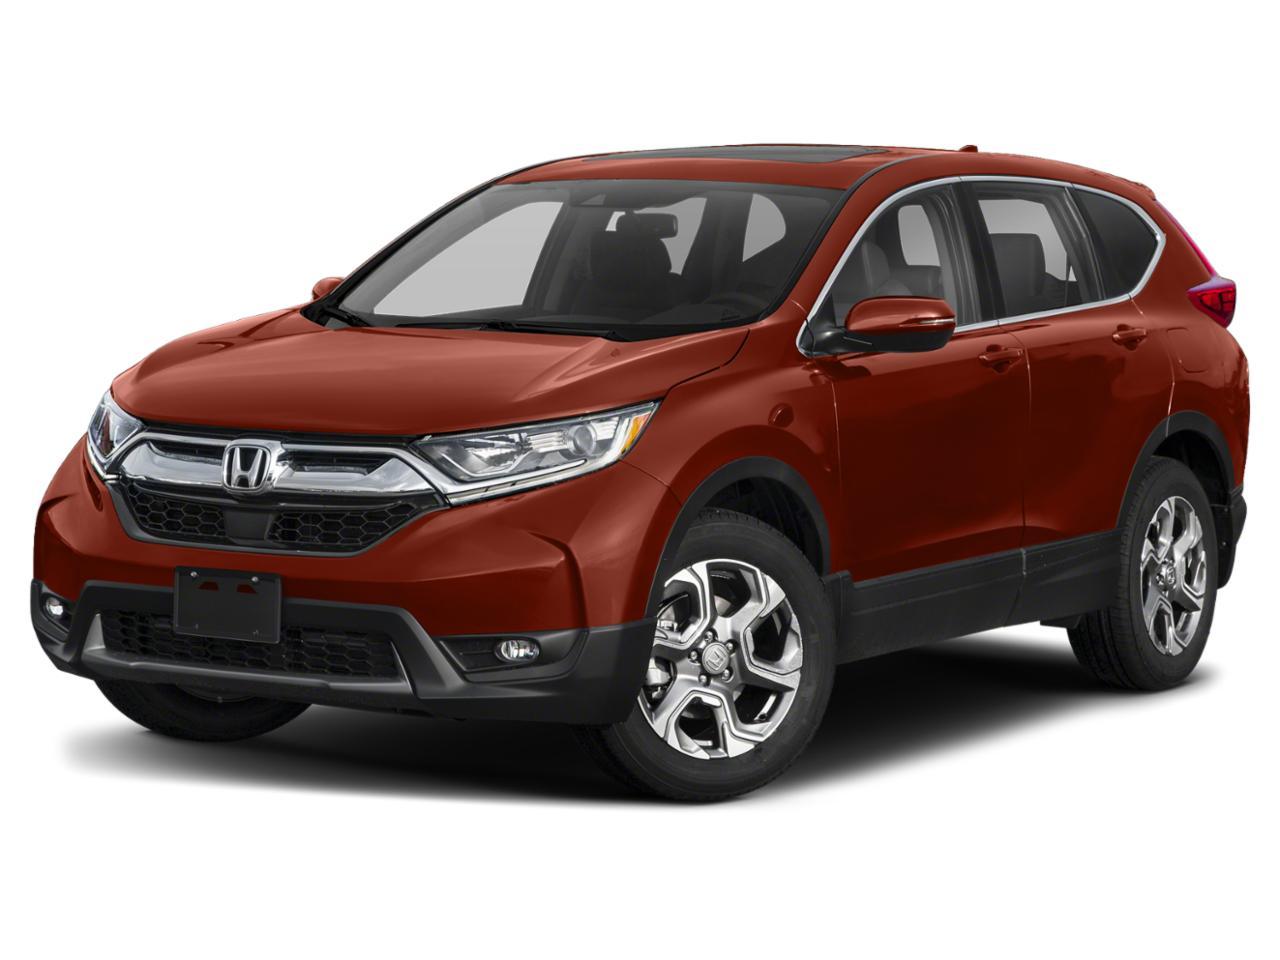 2019 Honda CR-V Vehicle Photo in Harrisburg, PA 17112